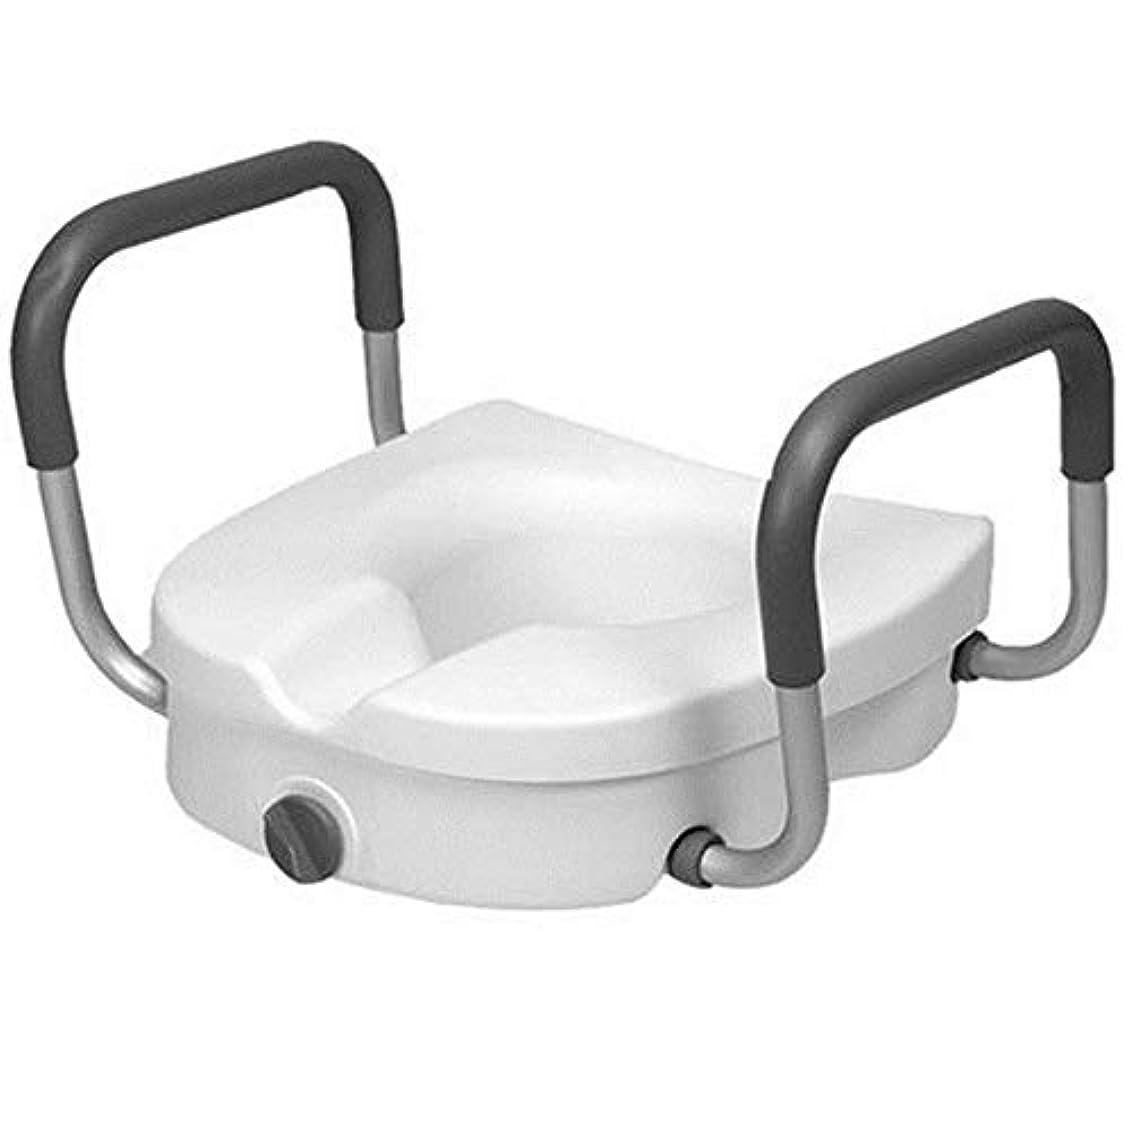 一晩クロニクルバケツArmrestの洗面所のブースター、洗面所の手すりのArmrestが付いている調節可能な便座